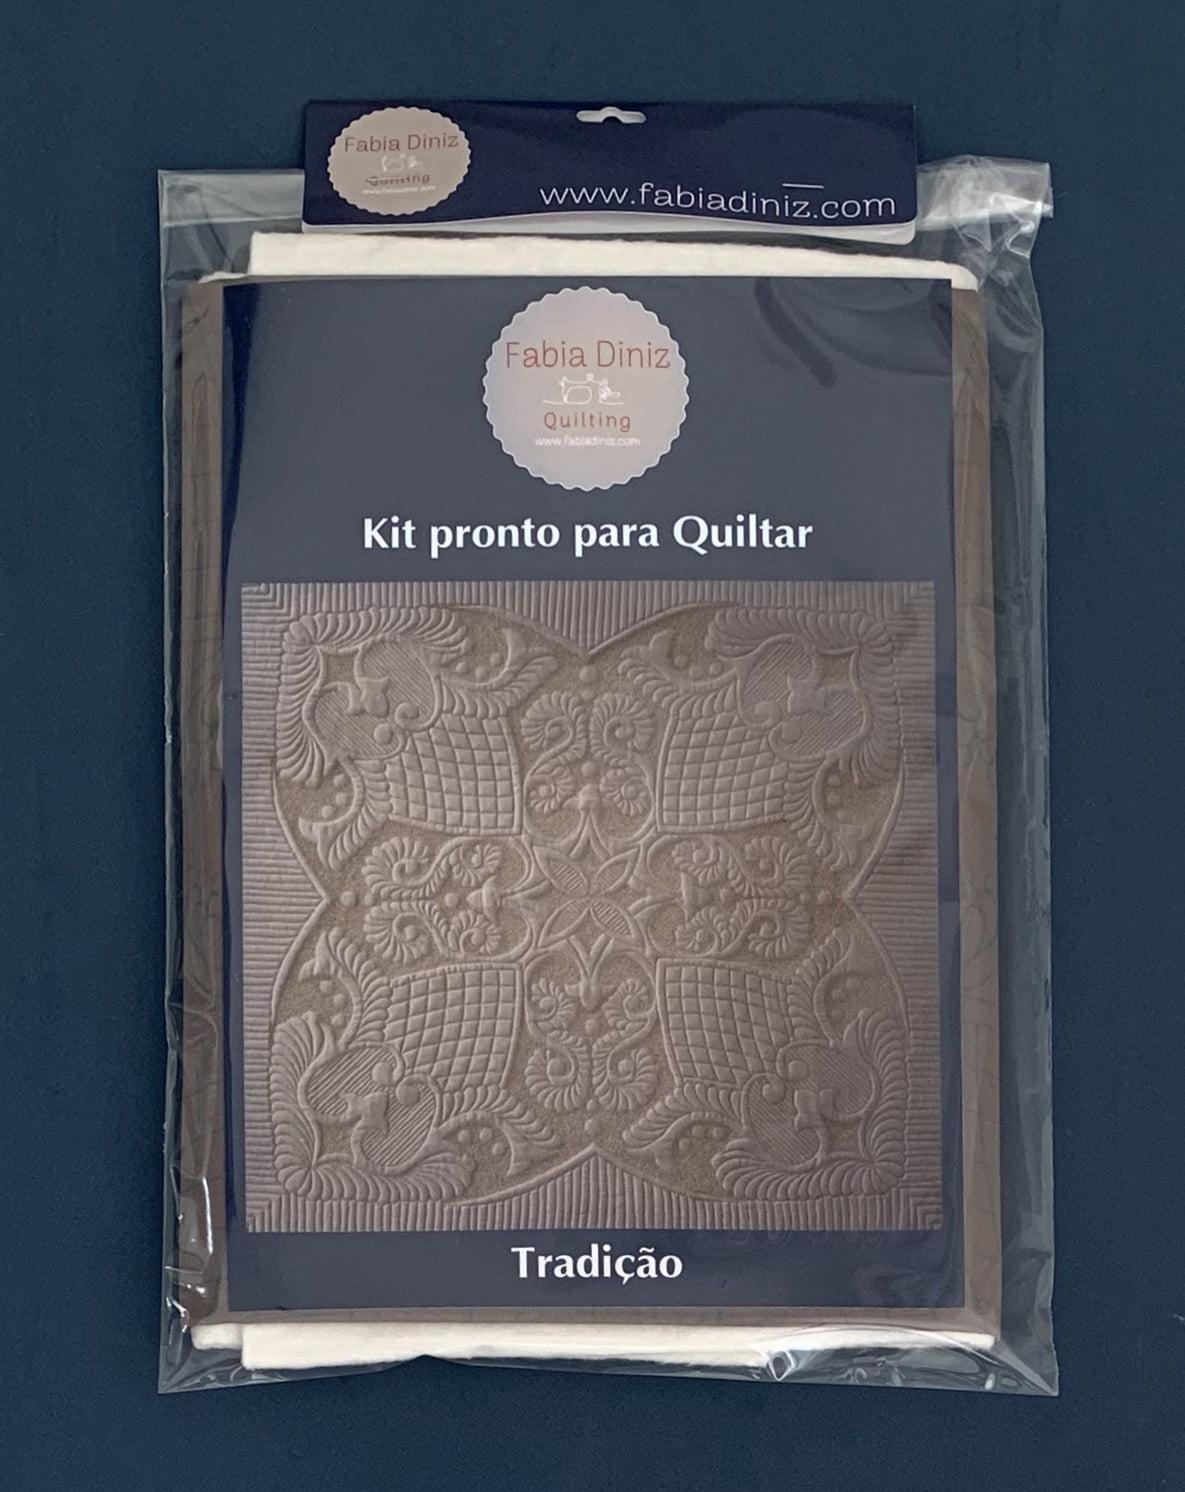 Kit Tradição  - Pronto para Quiltar